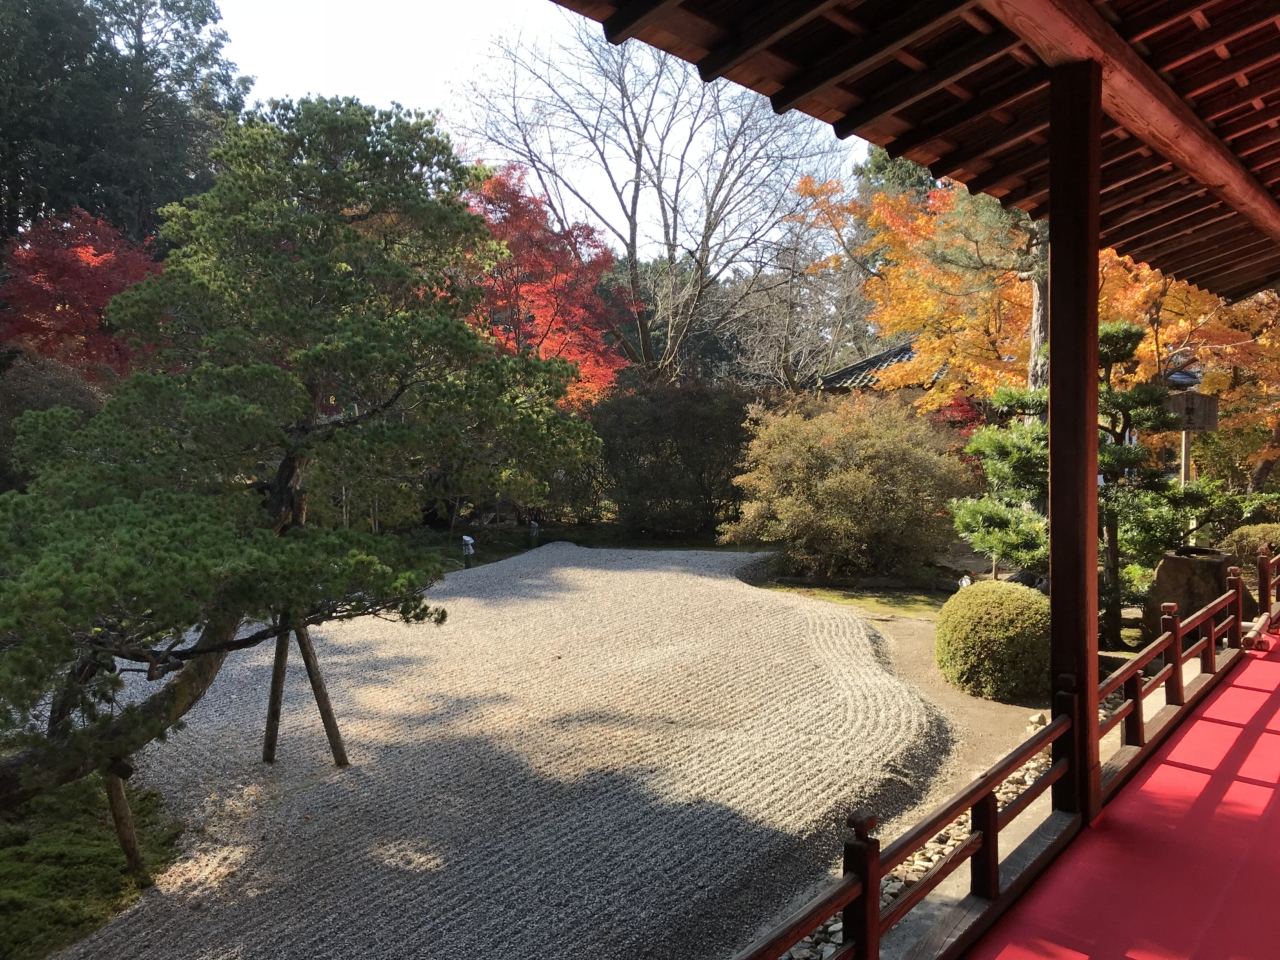 曼殊院の庭園